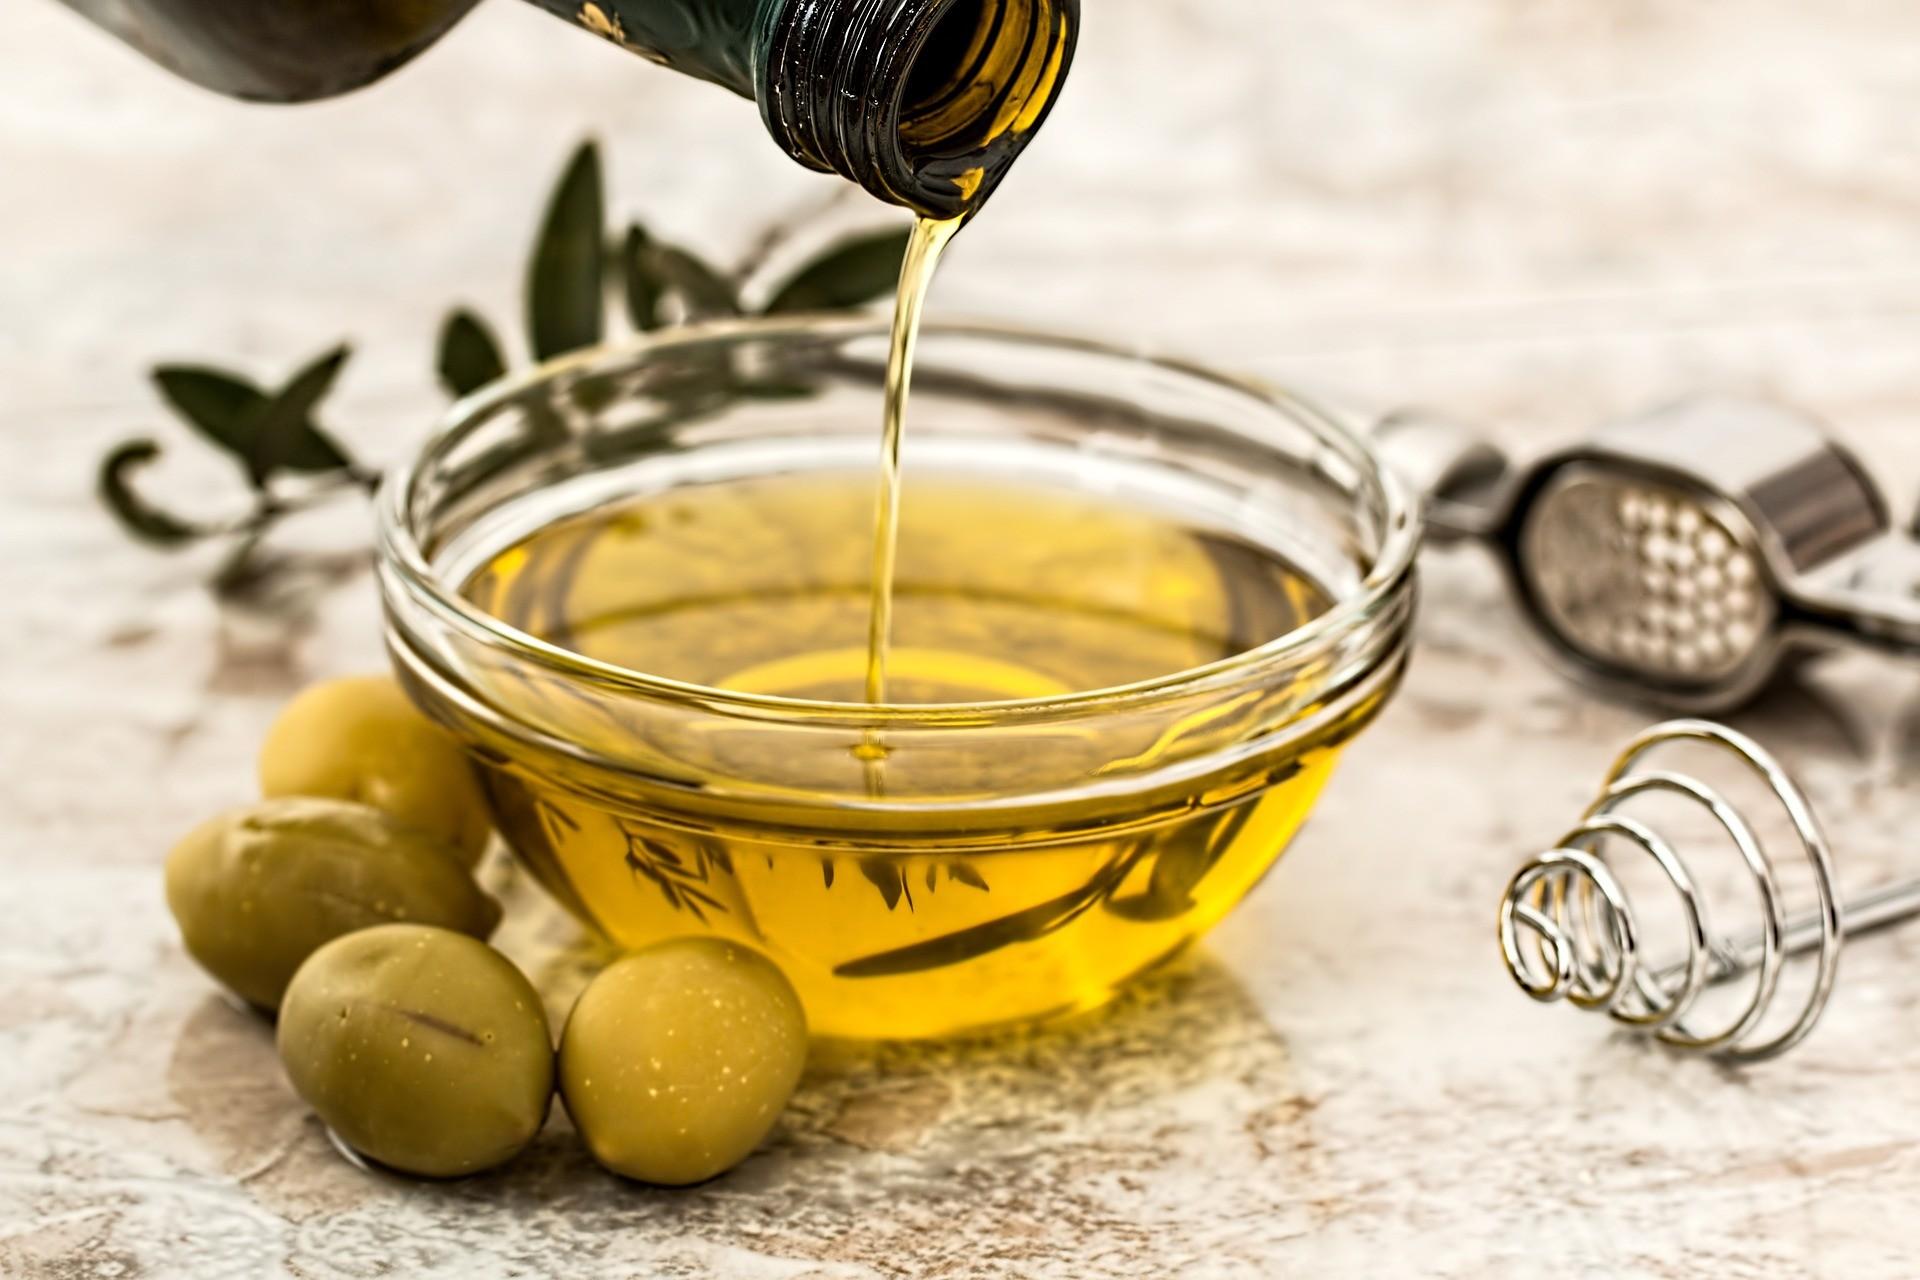 O uso de azeite de oliva é mais benéfico à saúde (Foto: Pixabay)